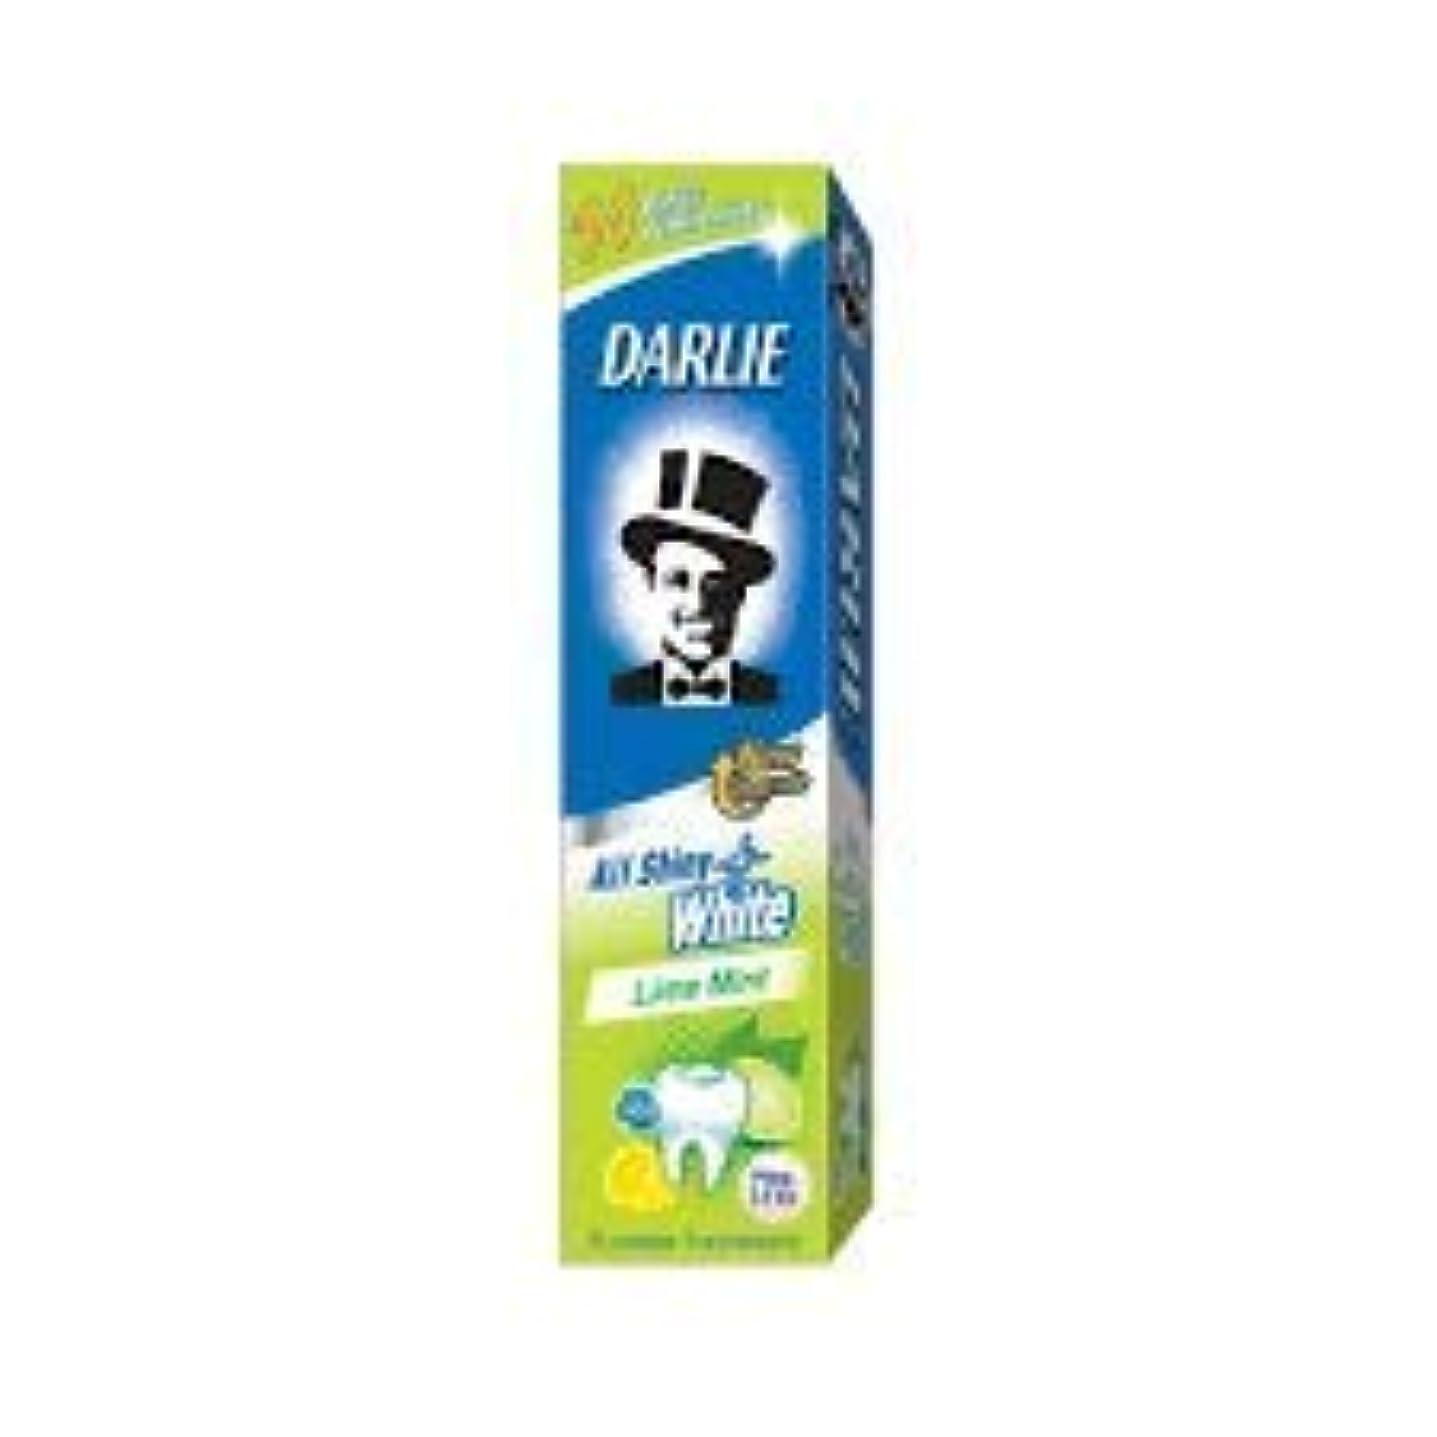 賢いキャッチ知的DARLIE 歯磨き粉すべての光沢のあるホワイトライムミント140g - 虫歯と戦い、歯を保護するフッ化物を含みます